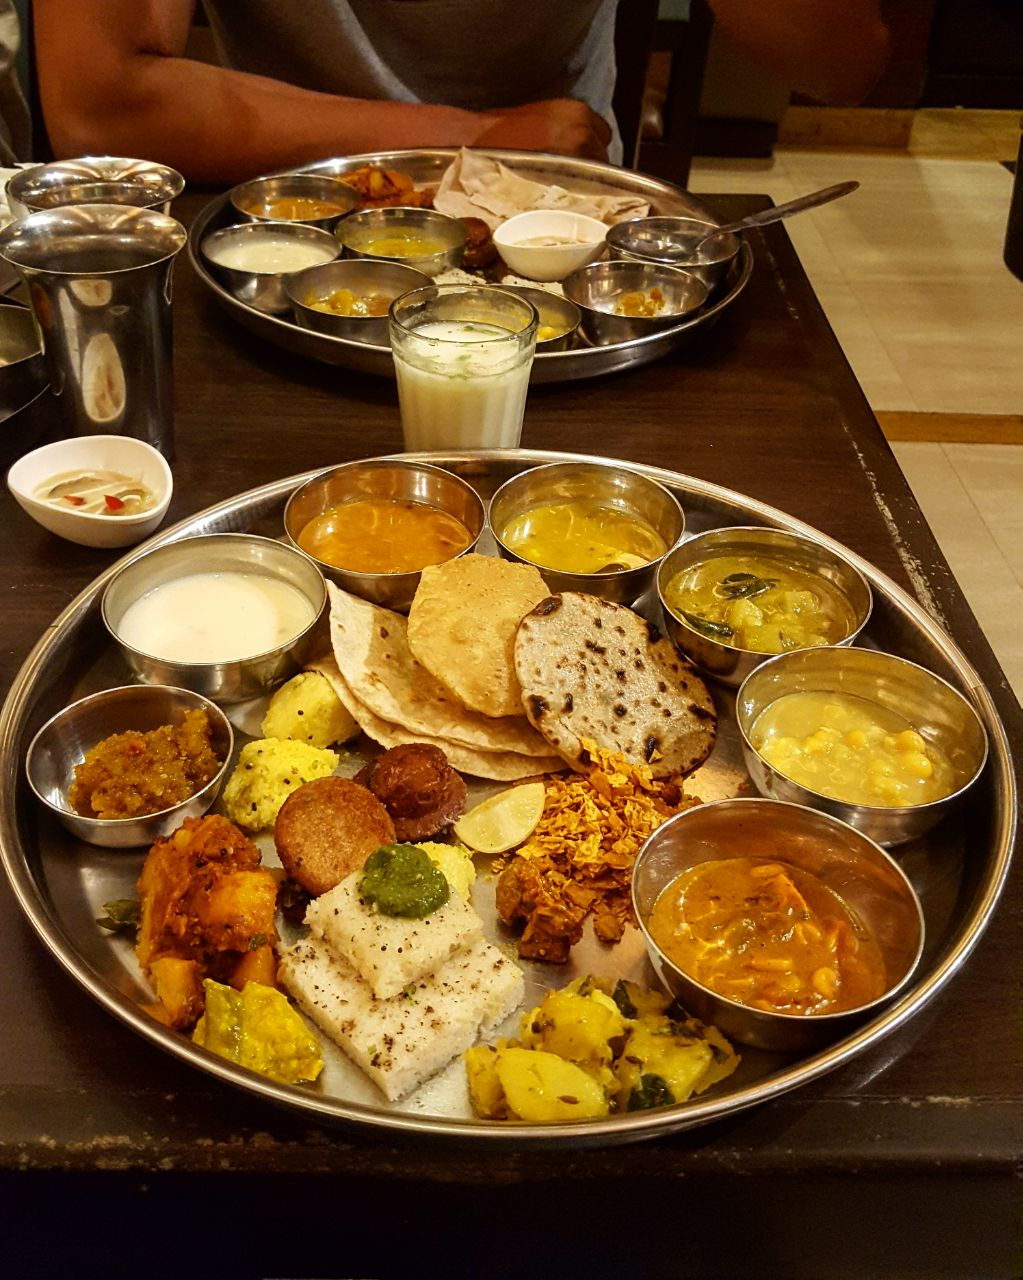 """Gujarathi Thali – eine Auswahl regional unterschiedlicher Speisen des Bundesstaates Gujarat, welches neben dem Rajasthani Thali zu den """"besten"""" Indiens zählt. Thali bedeutet wortwörtlich """"Platte"""", demnach eine Platte voller aussergewöhnlich leckerem Essen"""